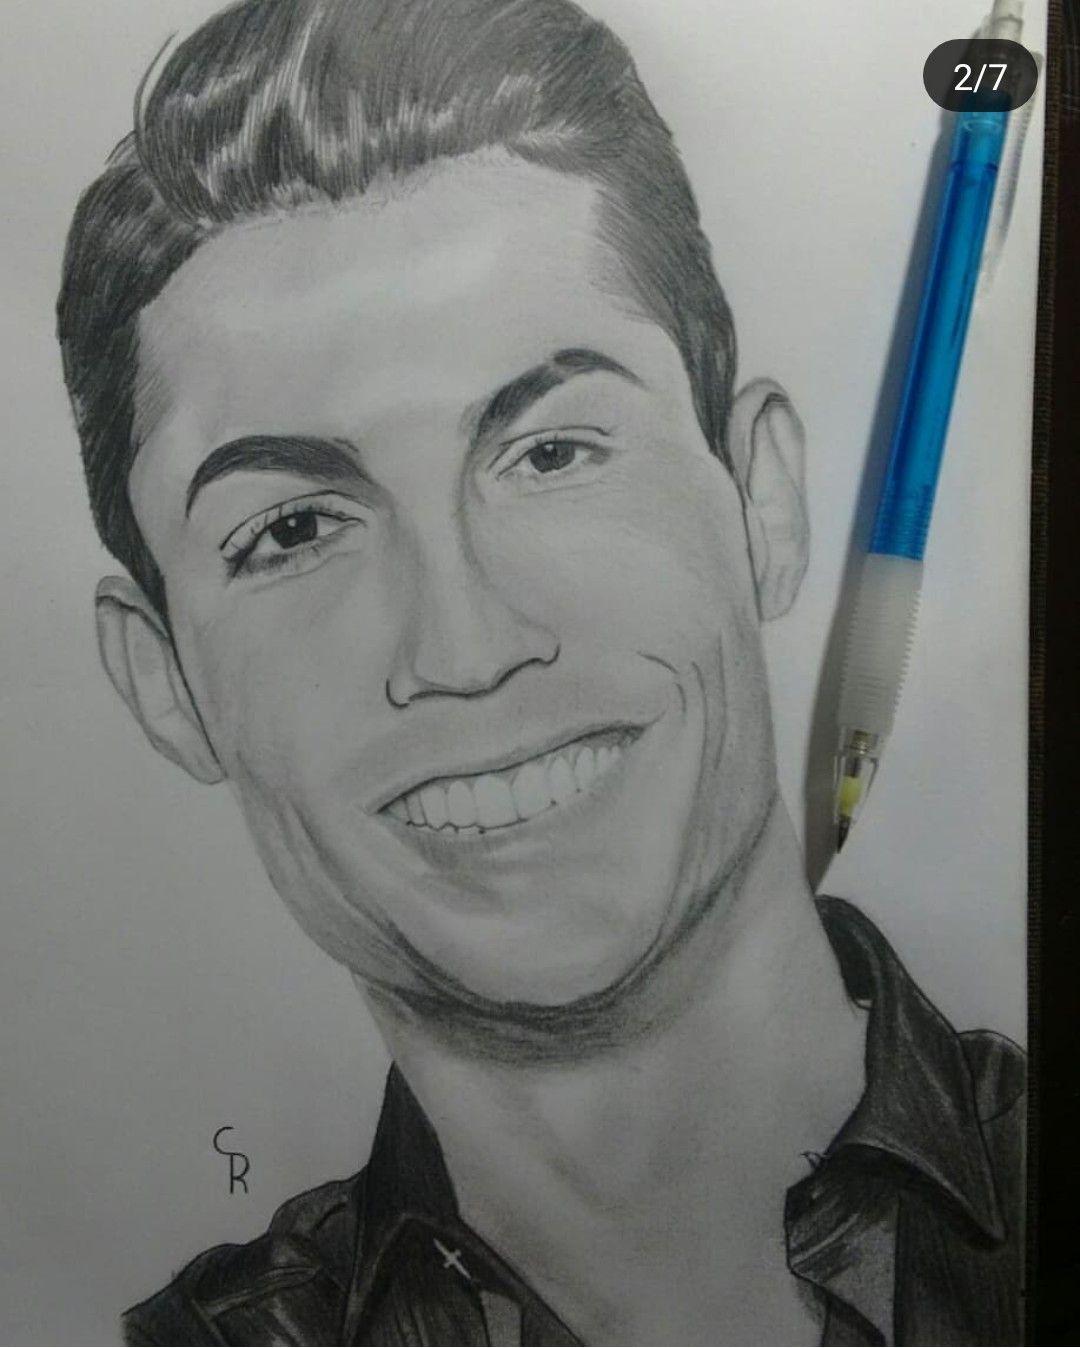 Cristiano Ronaldo Cristiano Ronaldo Ronaldo Male Sketch